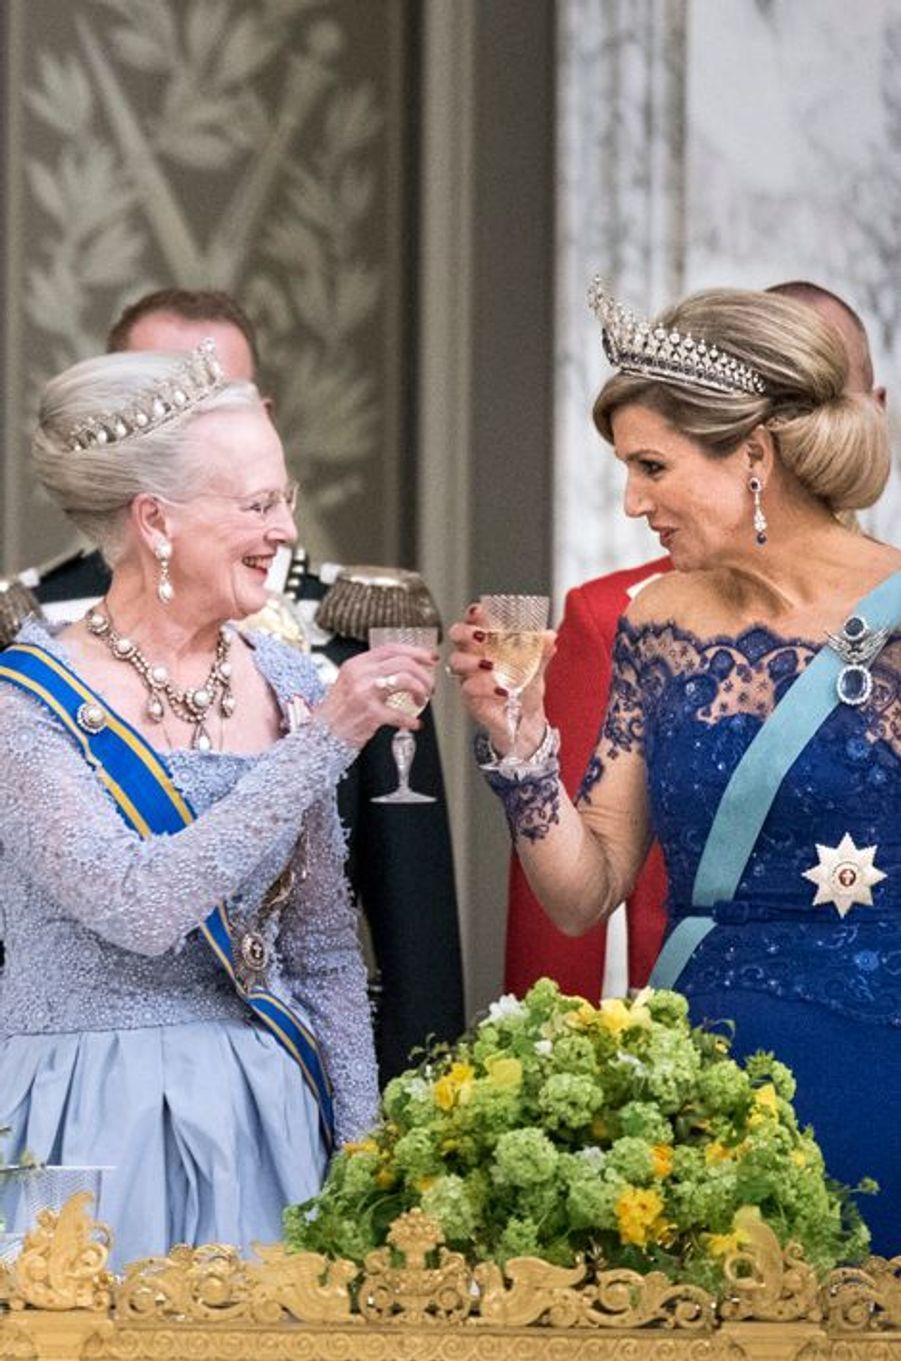 La reine Margrethe II de Danemark et la reine Maxima des Pays-Bas à Copenhague, le 17 mars 2015